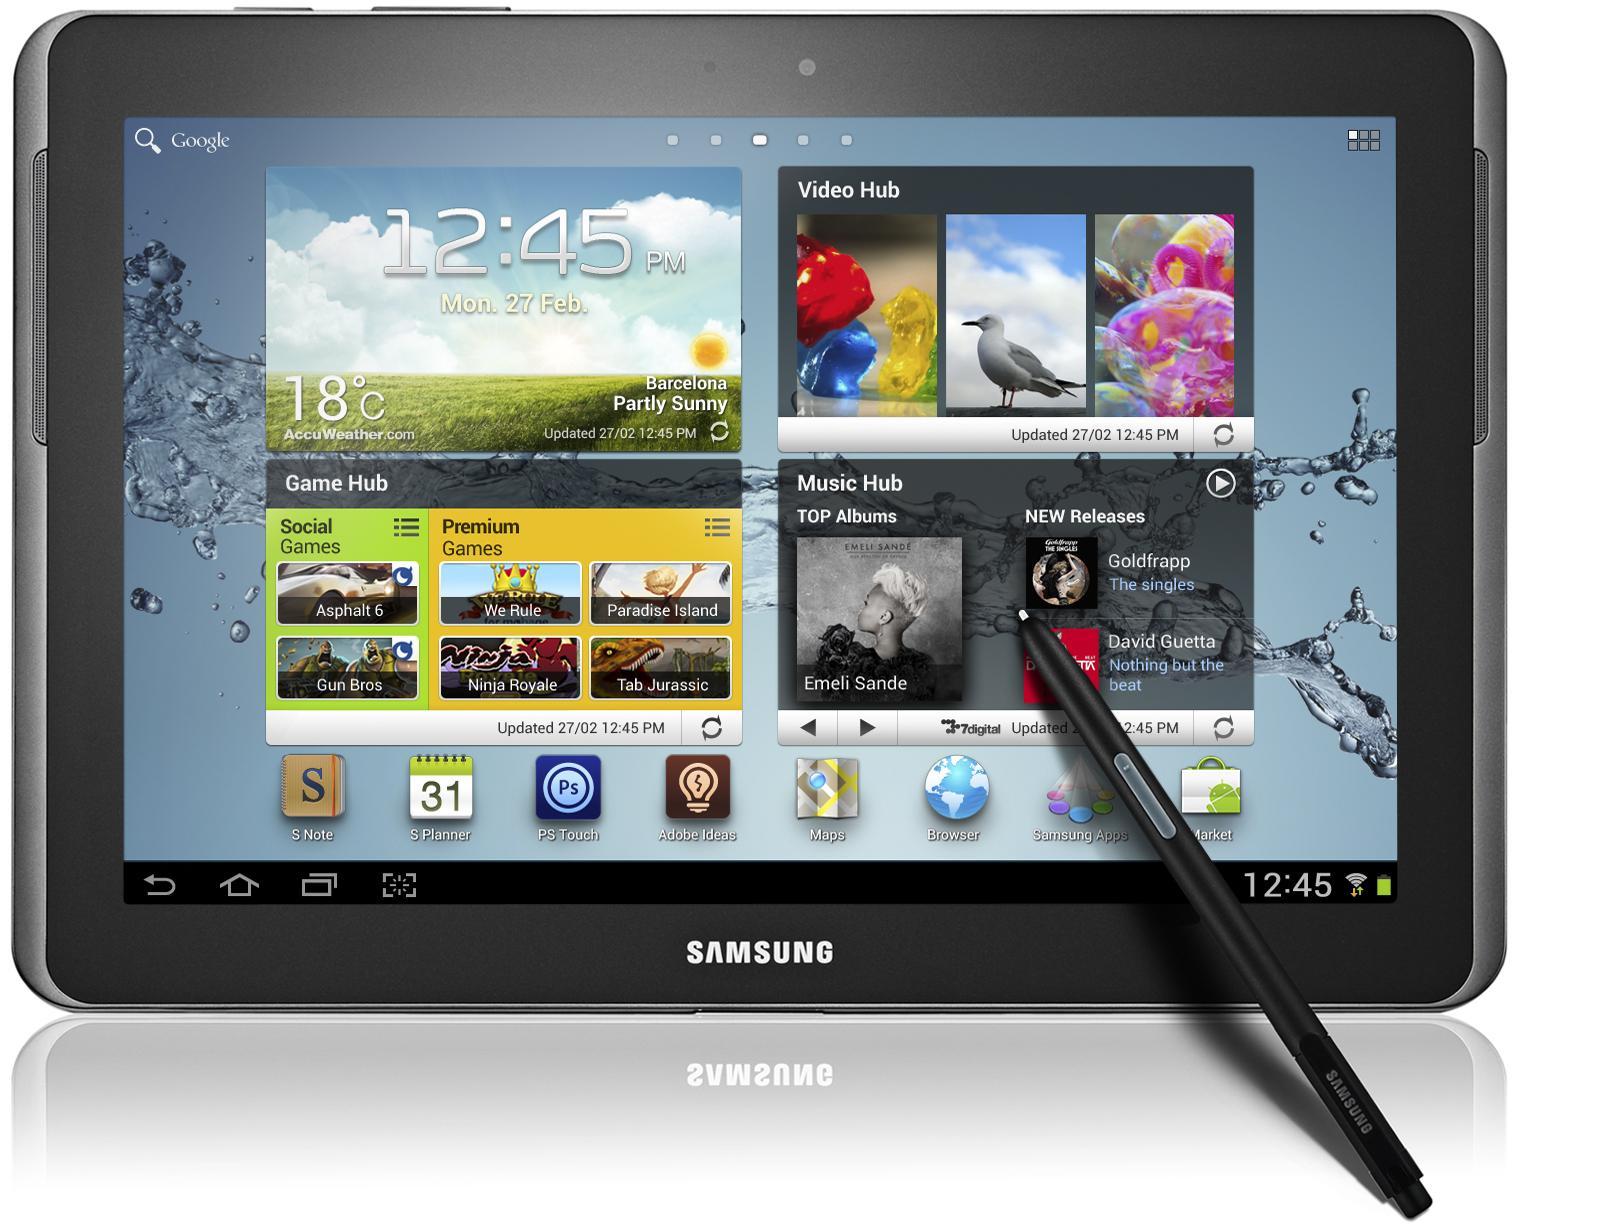 De ce, in cazul tabletelor, utilizarea stylus-ului este o idee mai buna decat utilizarea degetelor?